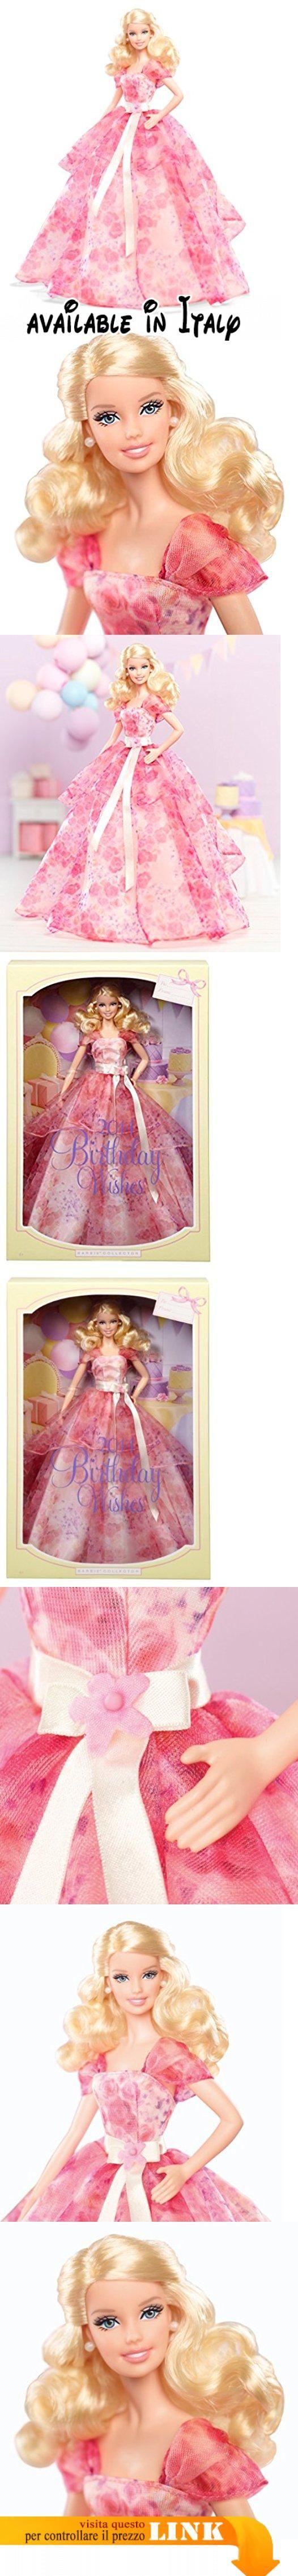 Barbie Collectors BCP64 - Birthday Wishes. Barbie Collector Feliz Cumpleaños. La espectacular melena rubia de Barbie contrasta con su vestido ancho y ligero cuberito de rosas, como en un jardín inglés. Para destacara su cintura, basta con una cinta de satén de color rosa palo. Barbie está simplemente magnífica. ¡Es el regalo de cumpleaños perfecto! #Giocattolo #TOYS_AND_GAMES